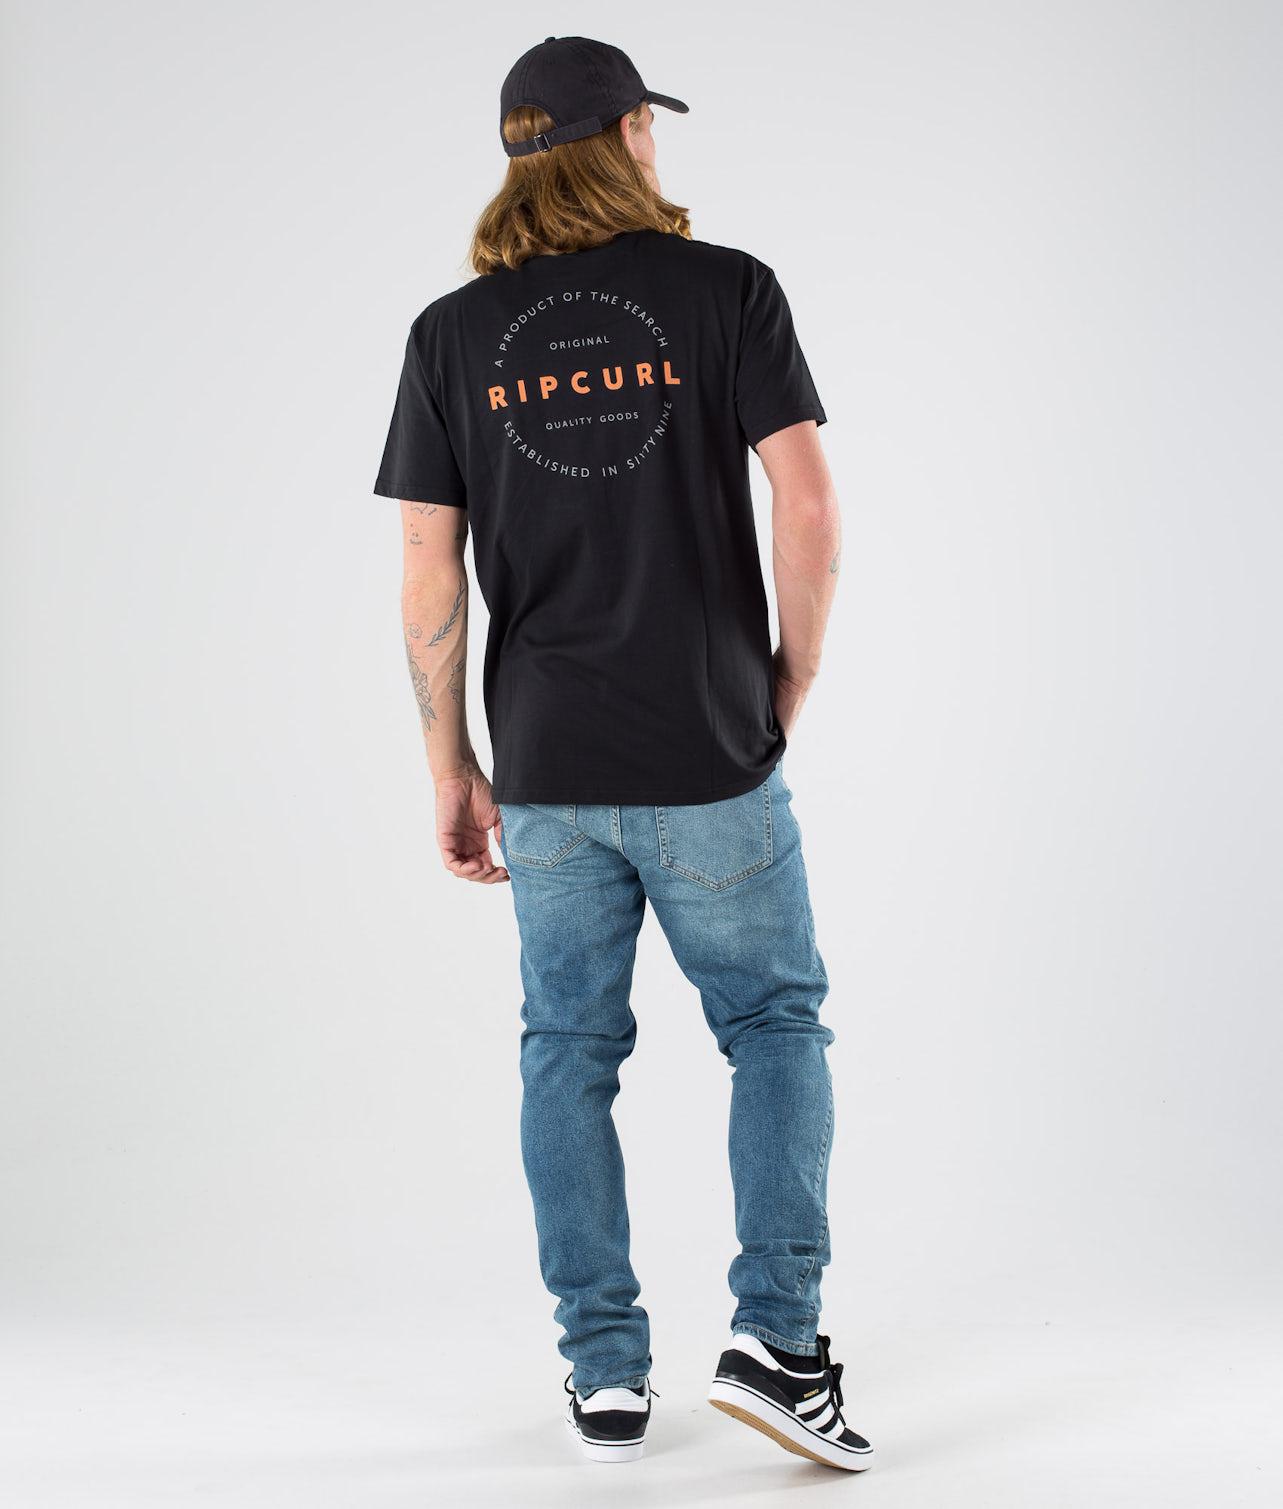 Kjøp Authentic S/S T-shirt fra Rip Curl på Ridestore.no - Hos oss har du alltid fri frakt, fri retur og 30 dagers åpent kjøp!